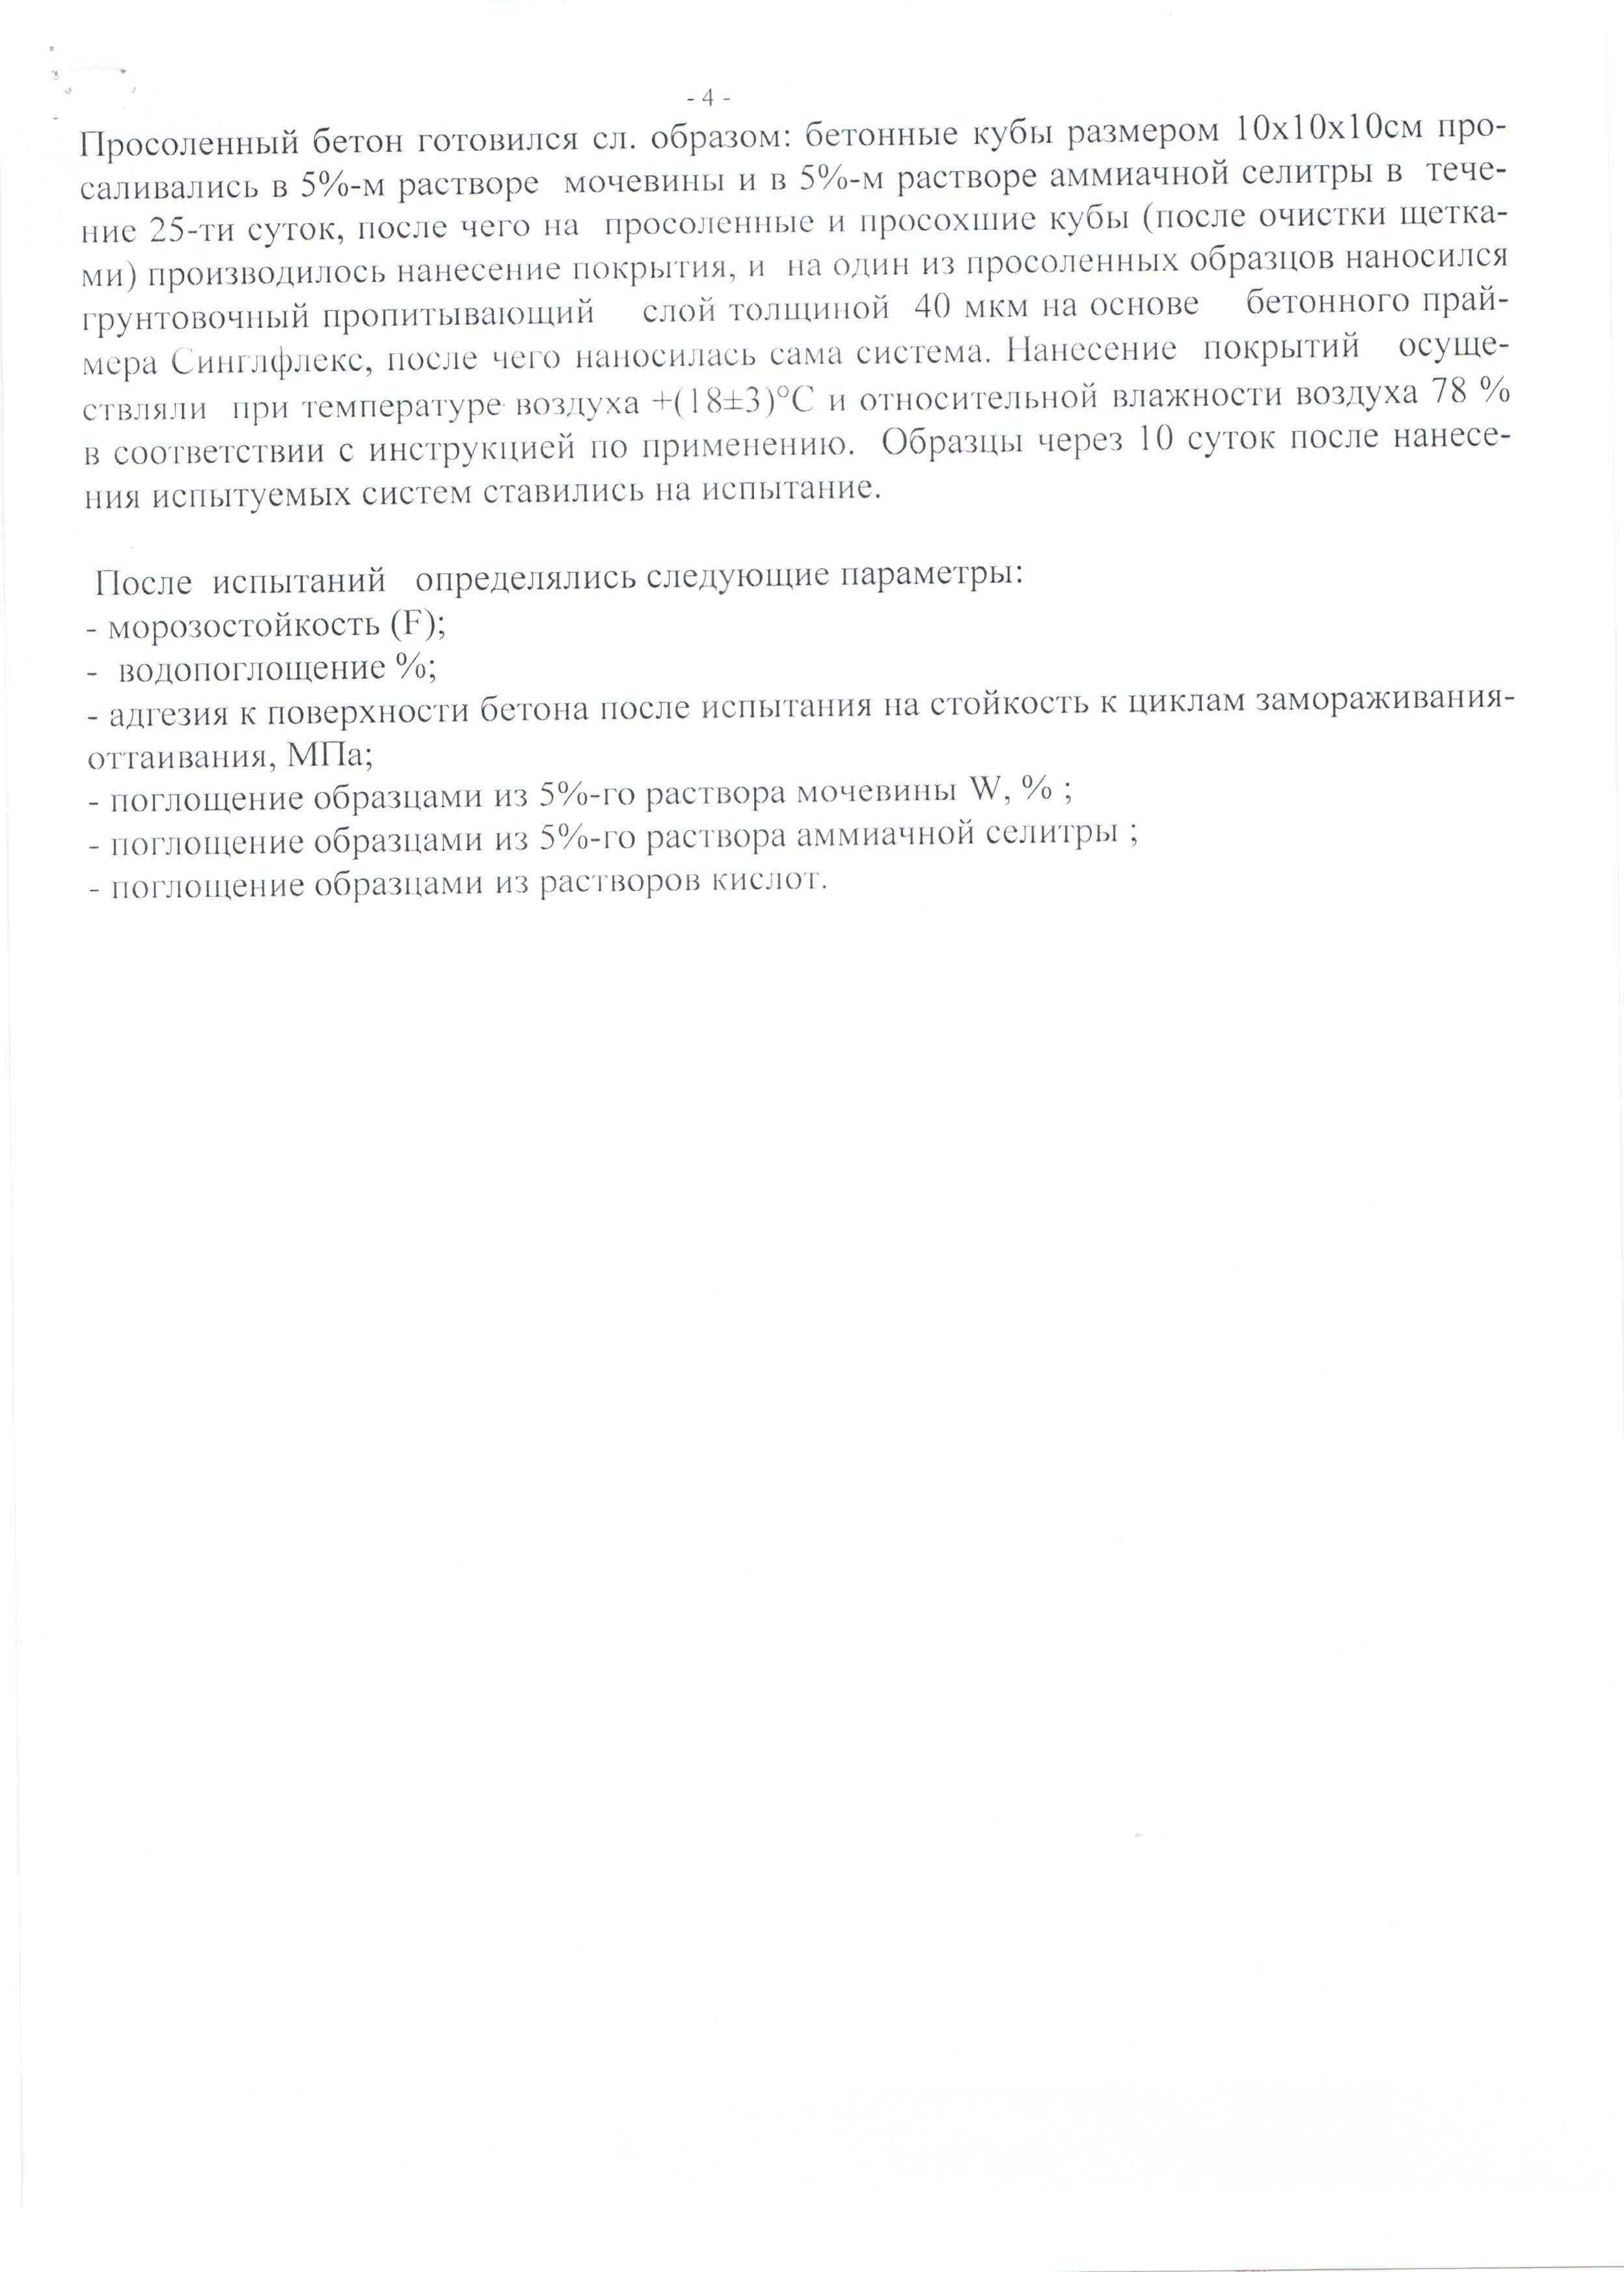 Заключение ООО «Соликамская строительная лаборатория» бетон Уралхим 07+N700S70_Страница_04